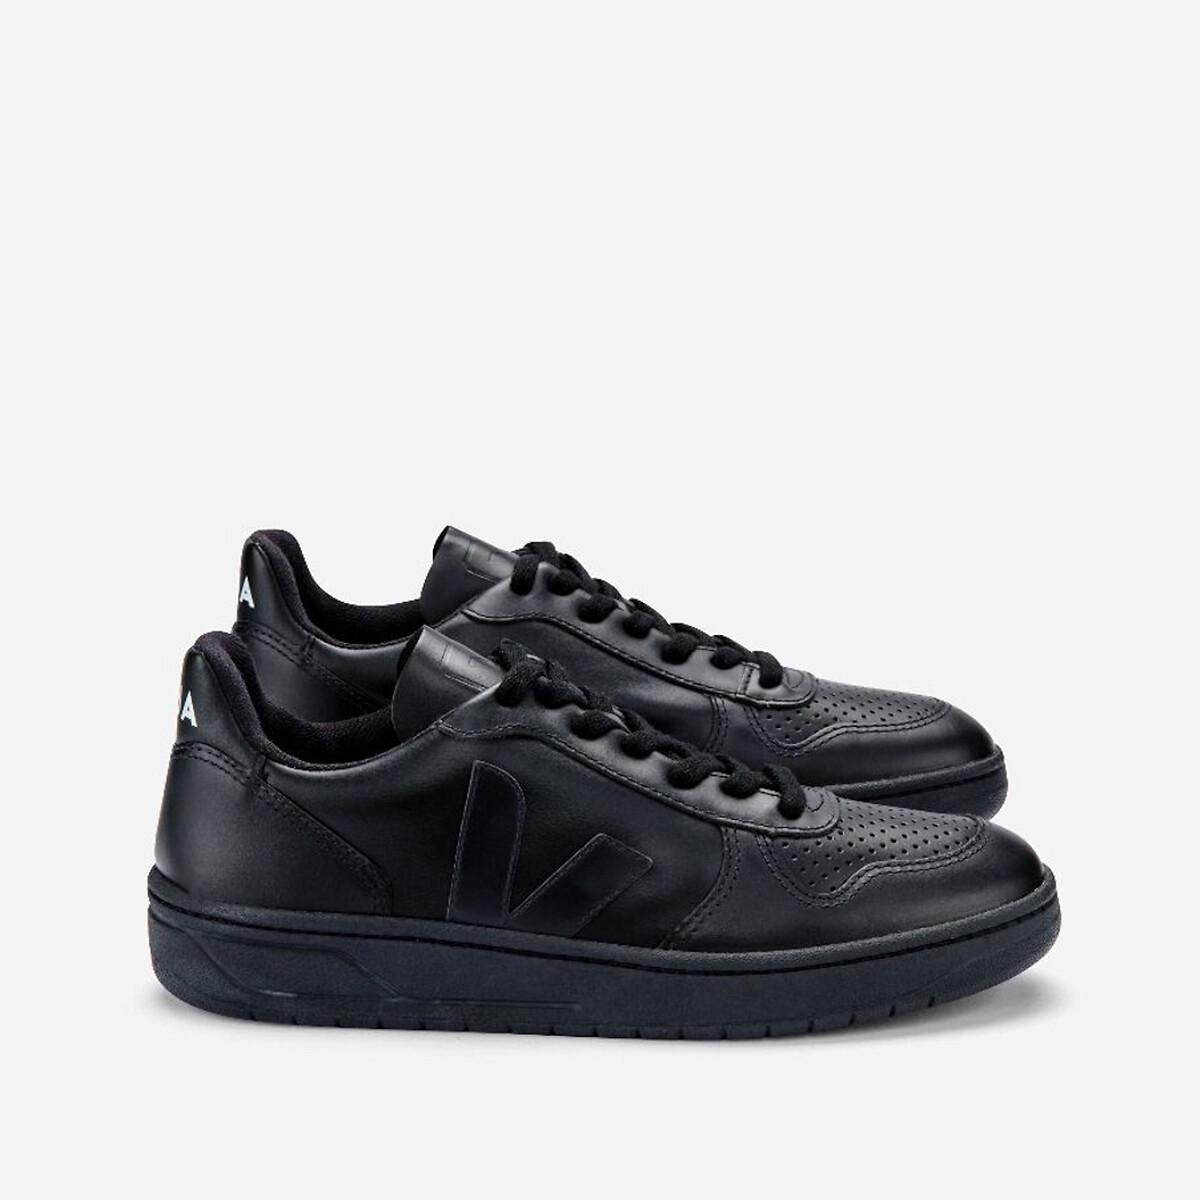 кеды низкие на шнуровке из спилка Кеды LaRedoute Кожаные на шнуровке V 10 43 черный